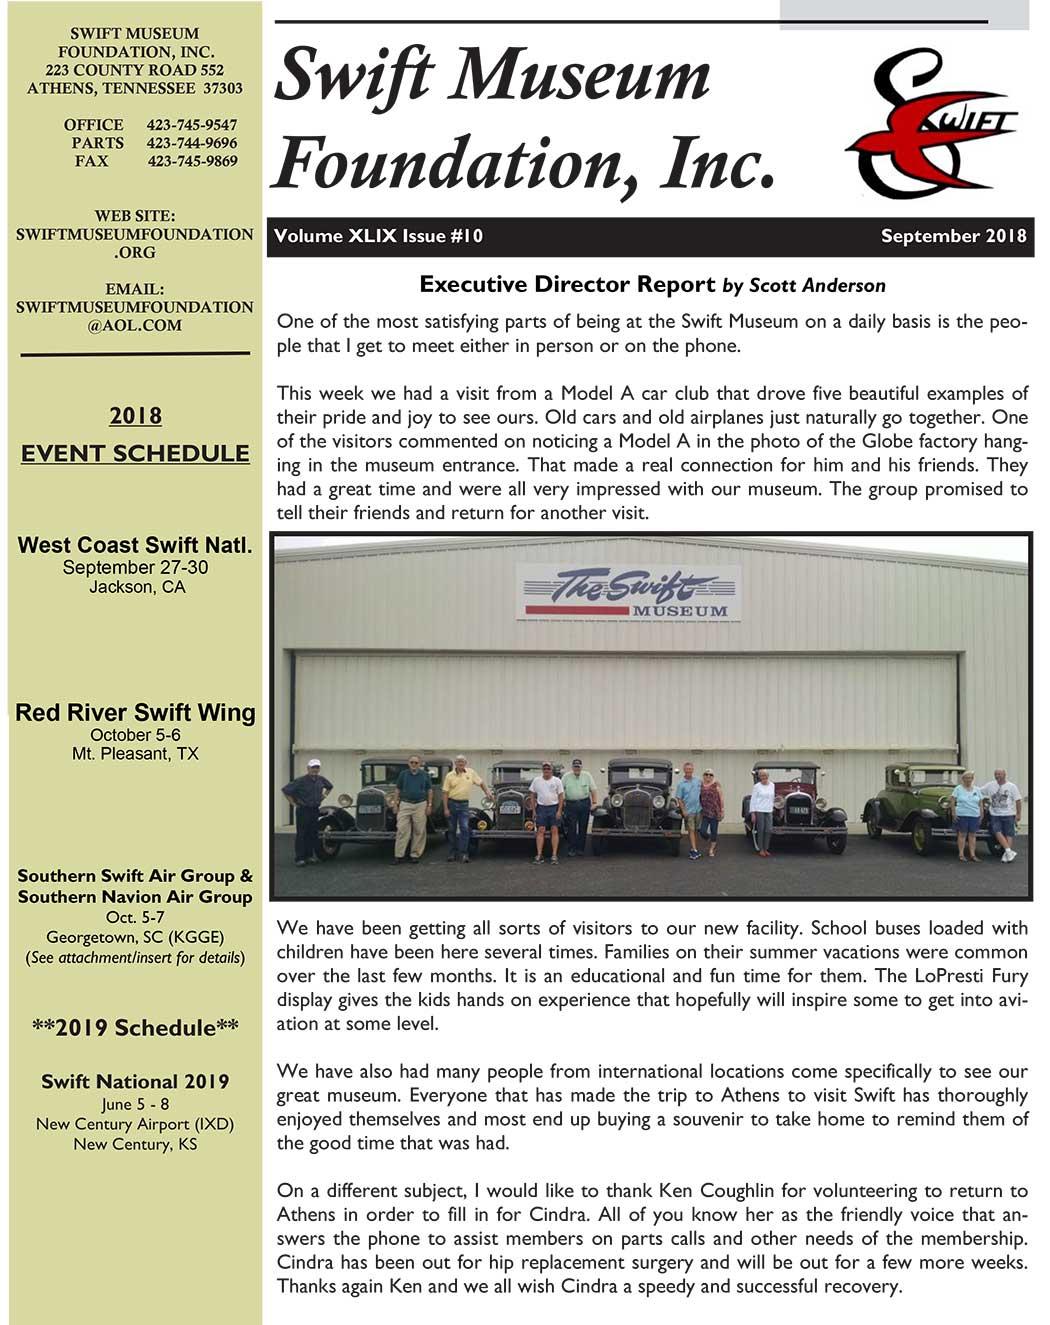 September 2018 Newsletter - Swift Museum Foundation, Inc